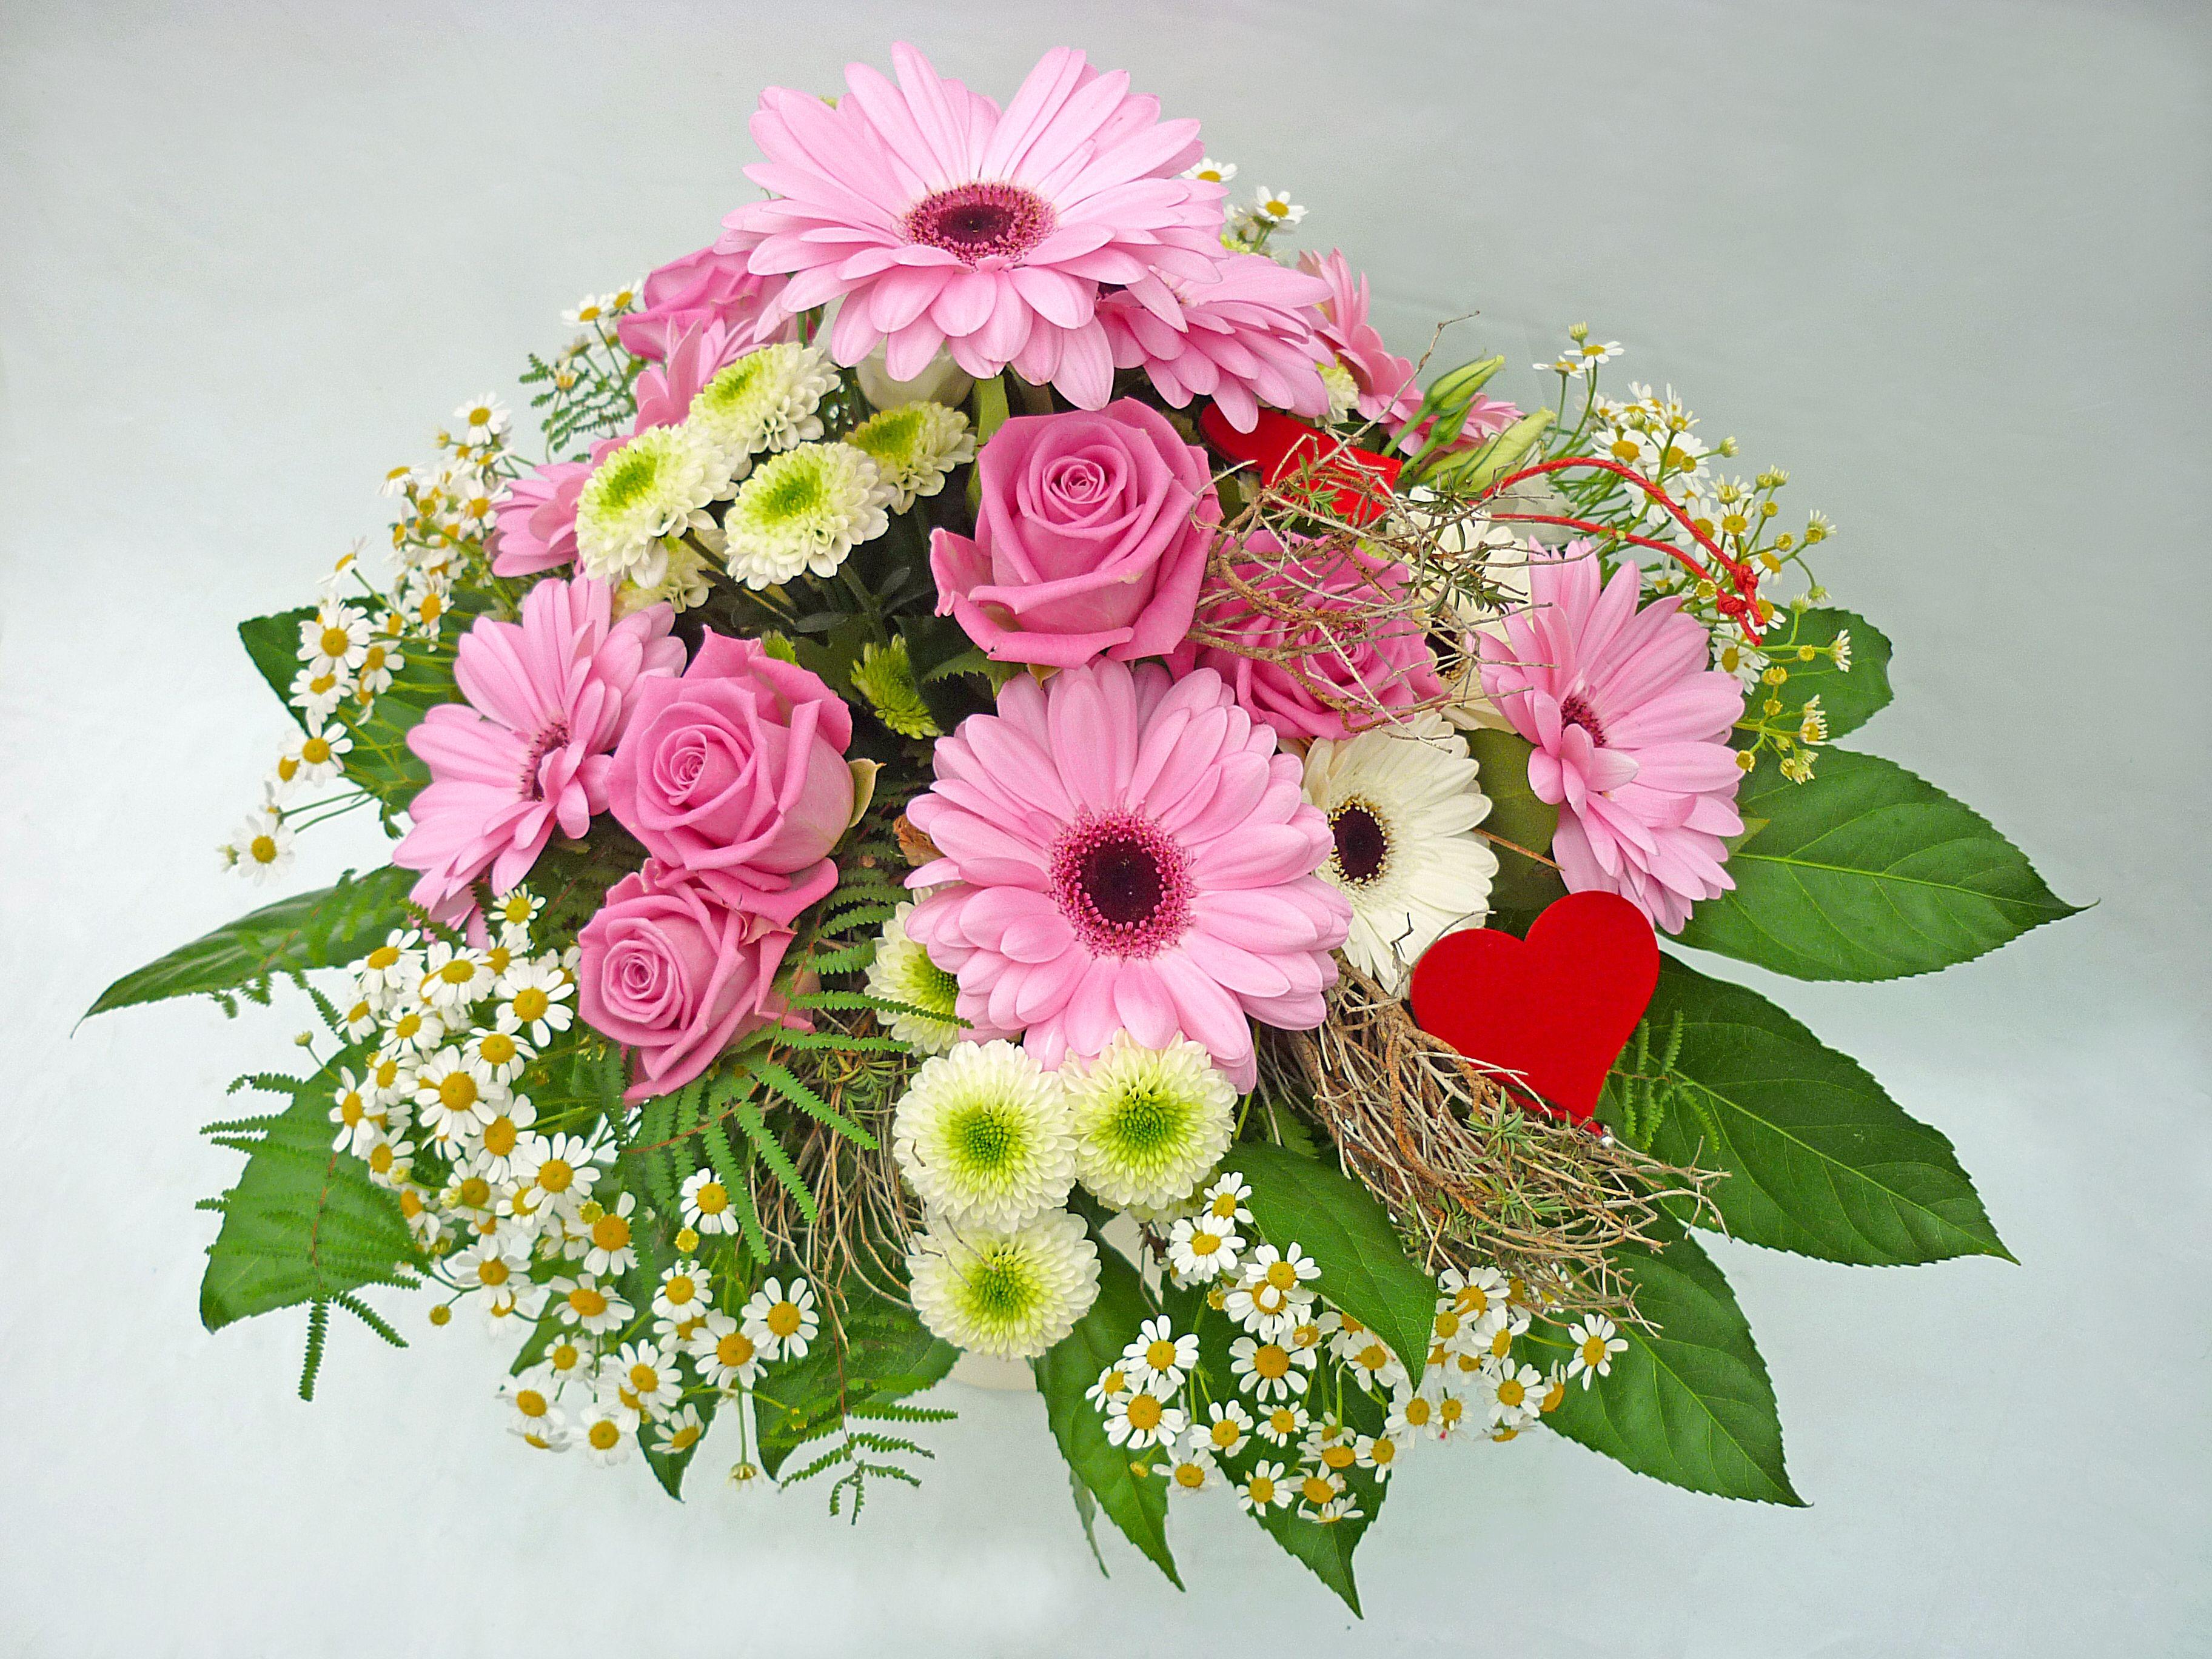 Blumengrosshandel Ritzka Muttertagsstrauss Rosa Ist Die Dominierende Farbe Unseres Floristik Tipps Zum Muttertag Die Rosen Der Sorte Muttertag Blumen Mutter